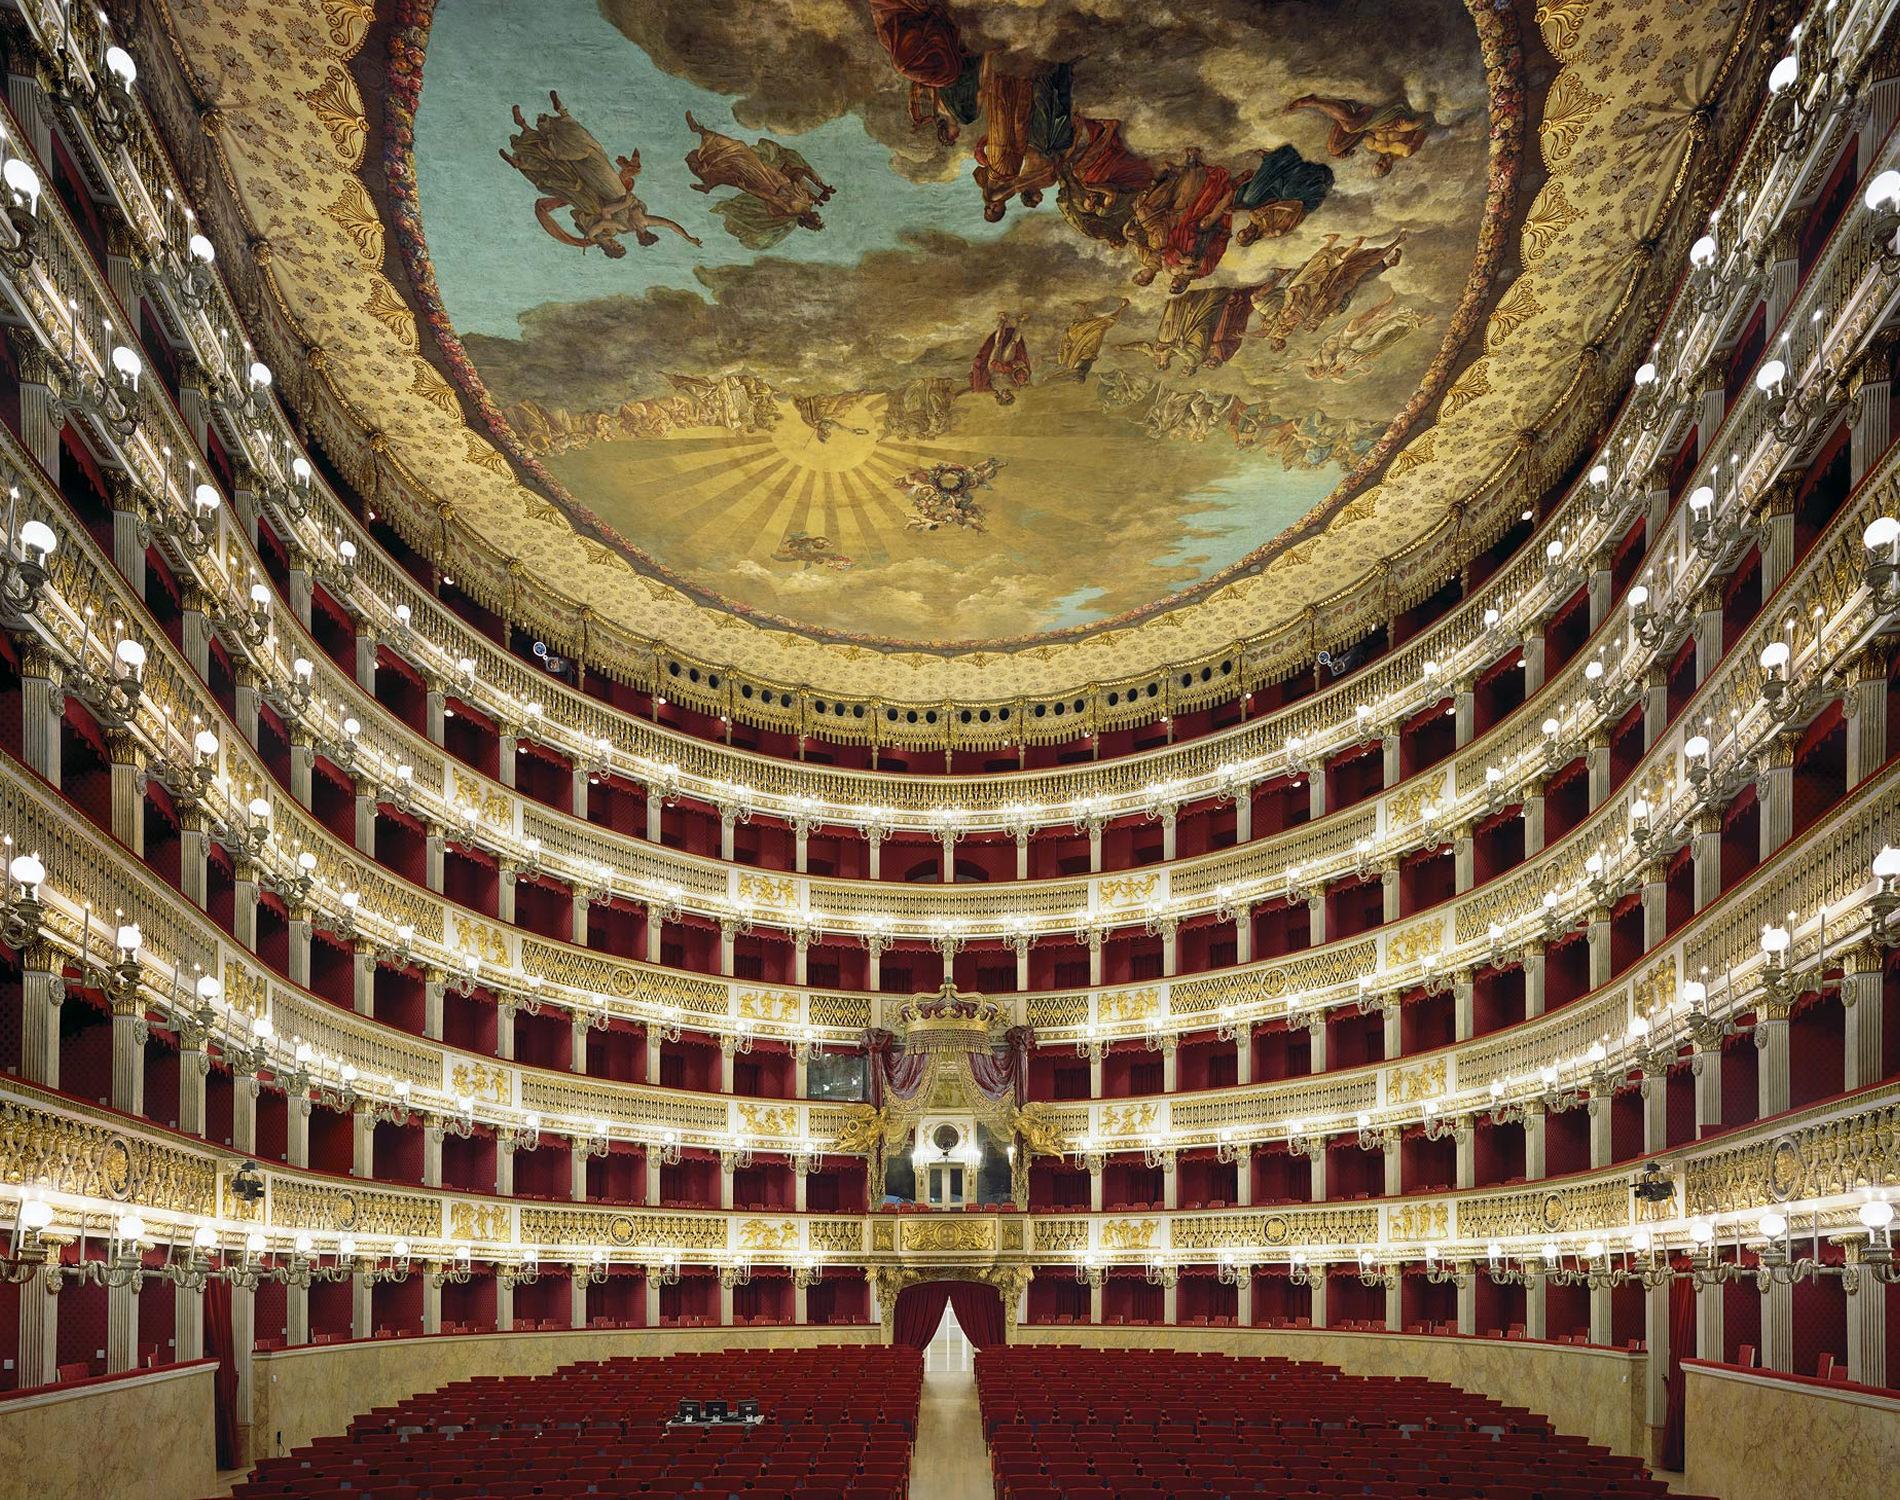 David Leventi Serie Photographie Opera Teatro Di Carlo Naples Italie 2009